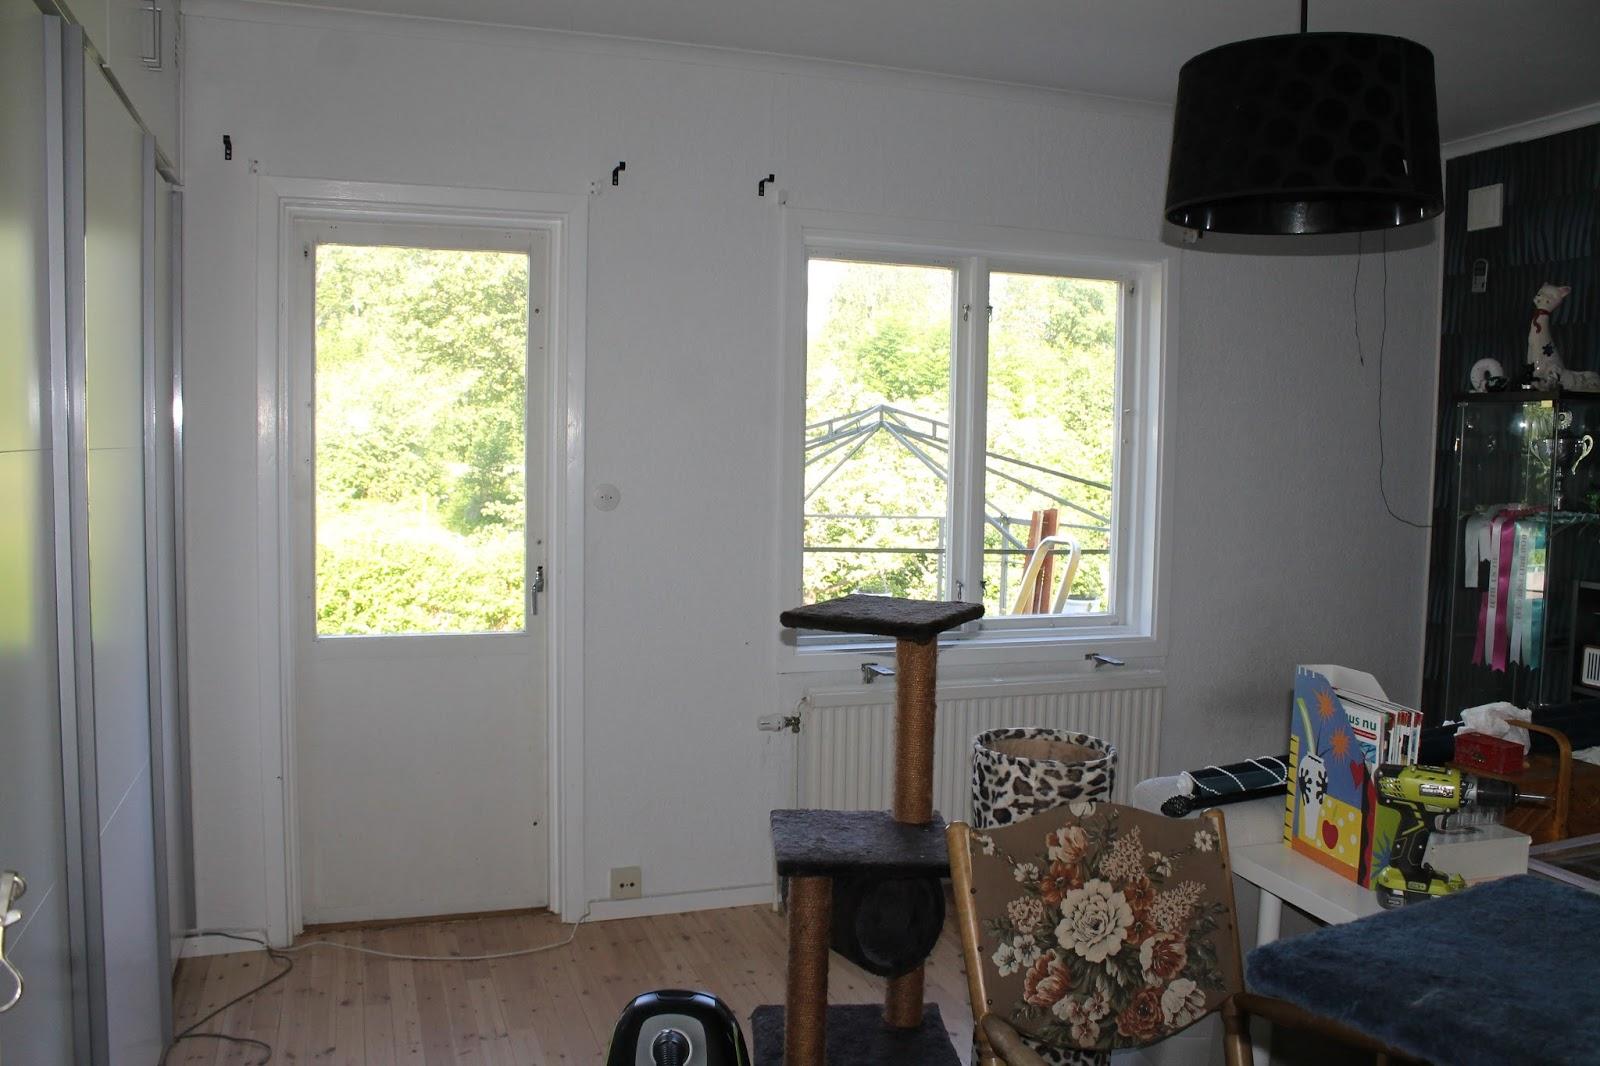 LizPaws: Nytt fönster och dörr : allt i fönster : Fönster